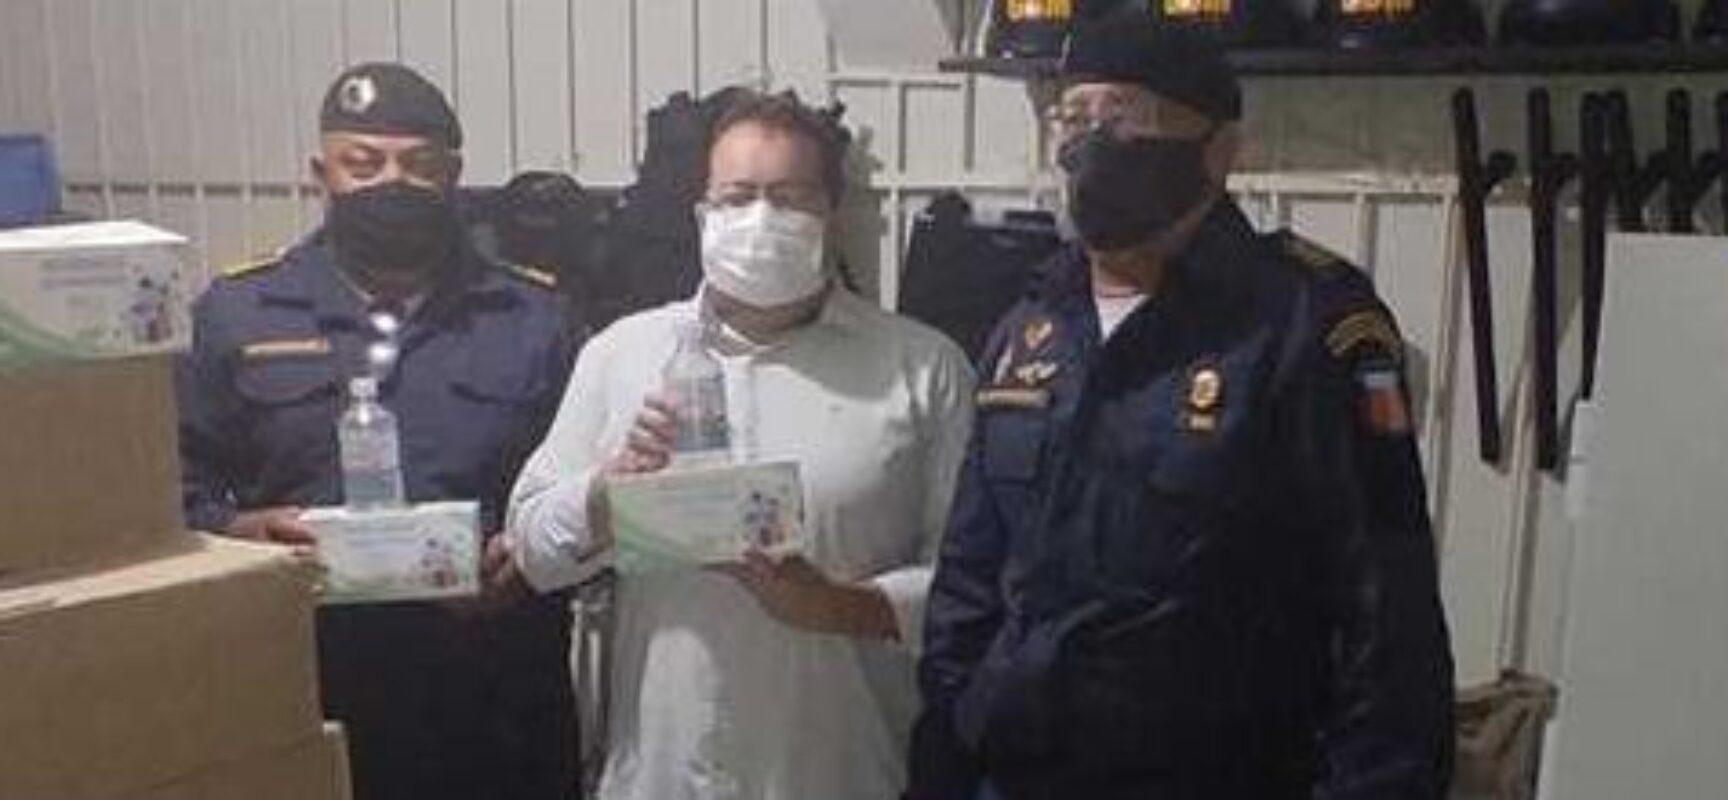 Parceria entre Guarda Civil de Ilhéus e o MPT garante entrega de kits de prevenção contra a Covid-19